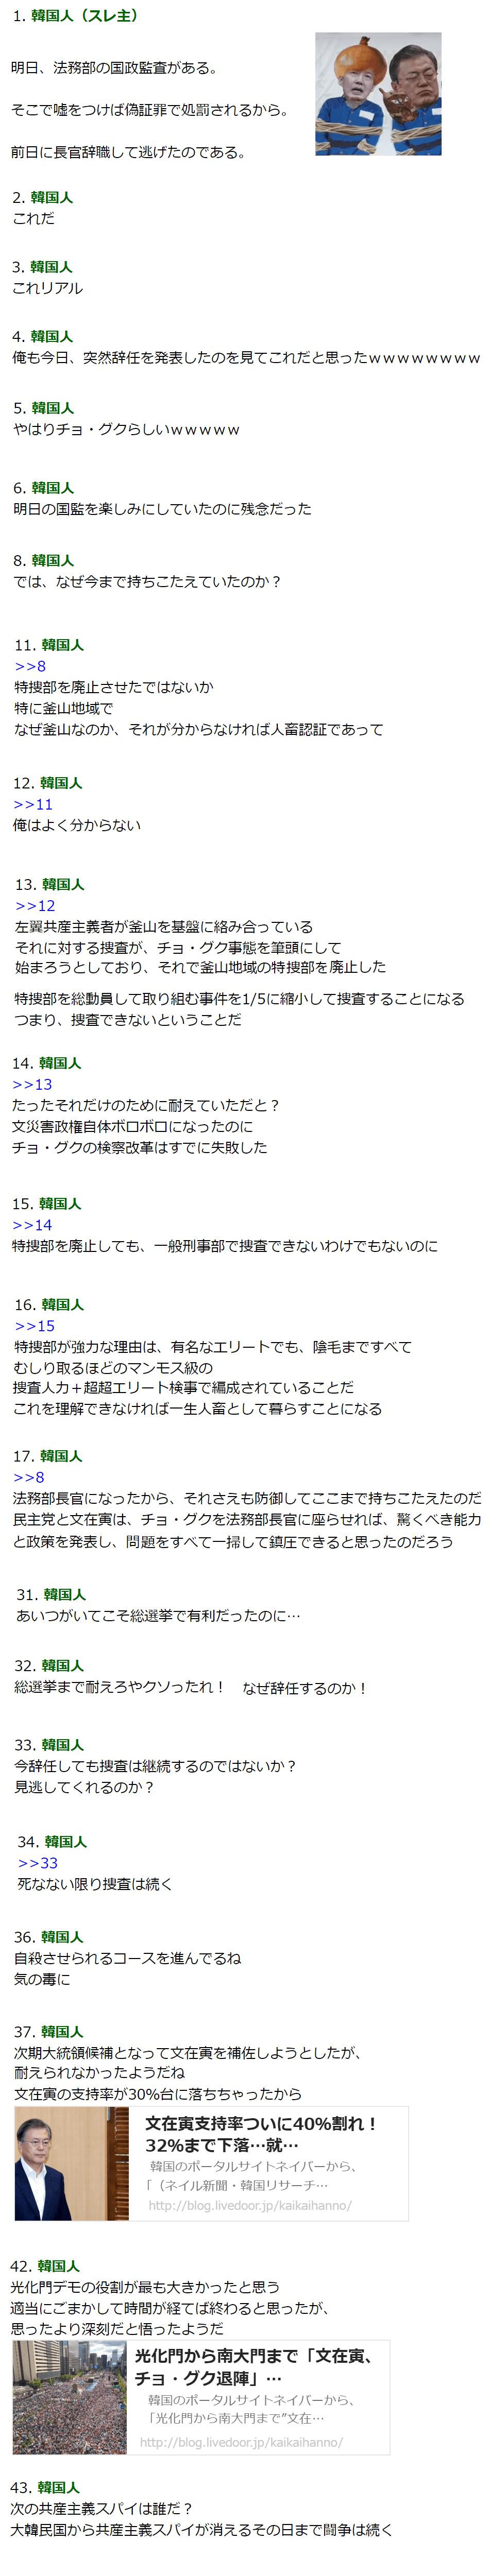 チョン「タマネギ男辞任の理由教える」2